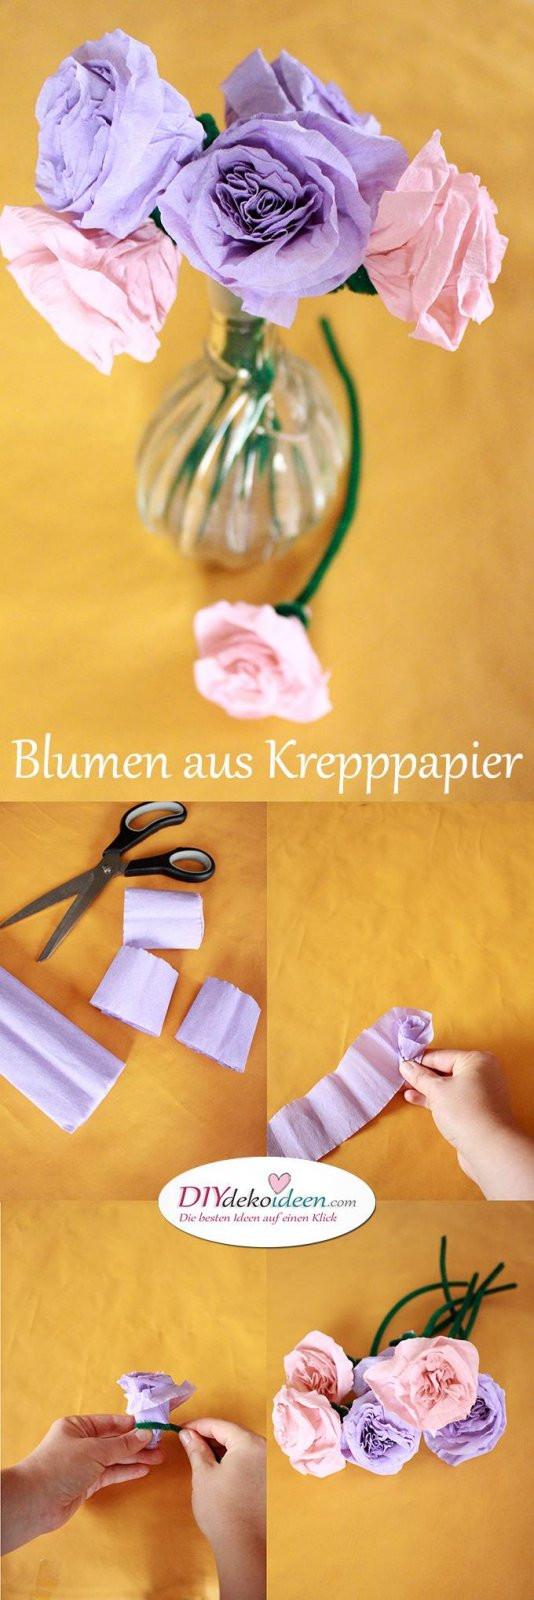 Diy Für Kinder  Spielerisch Rosen basteln mit Krepppapier – DIY